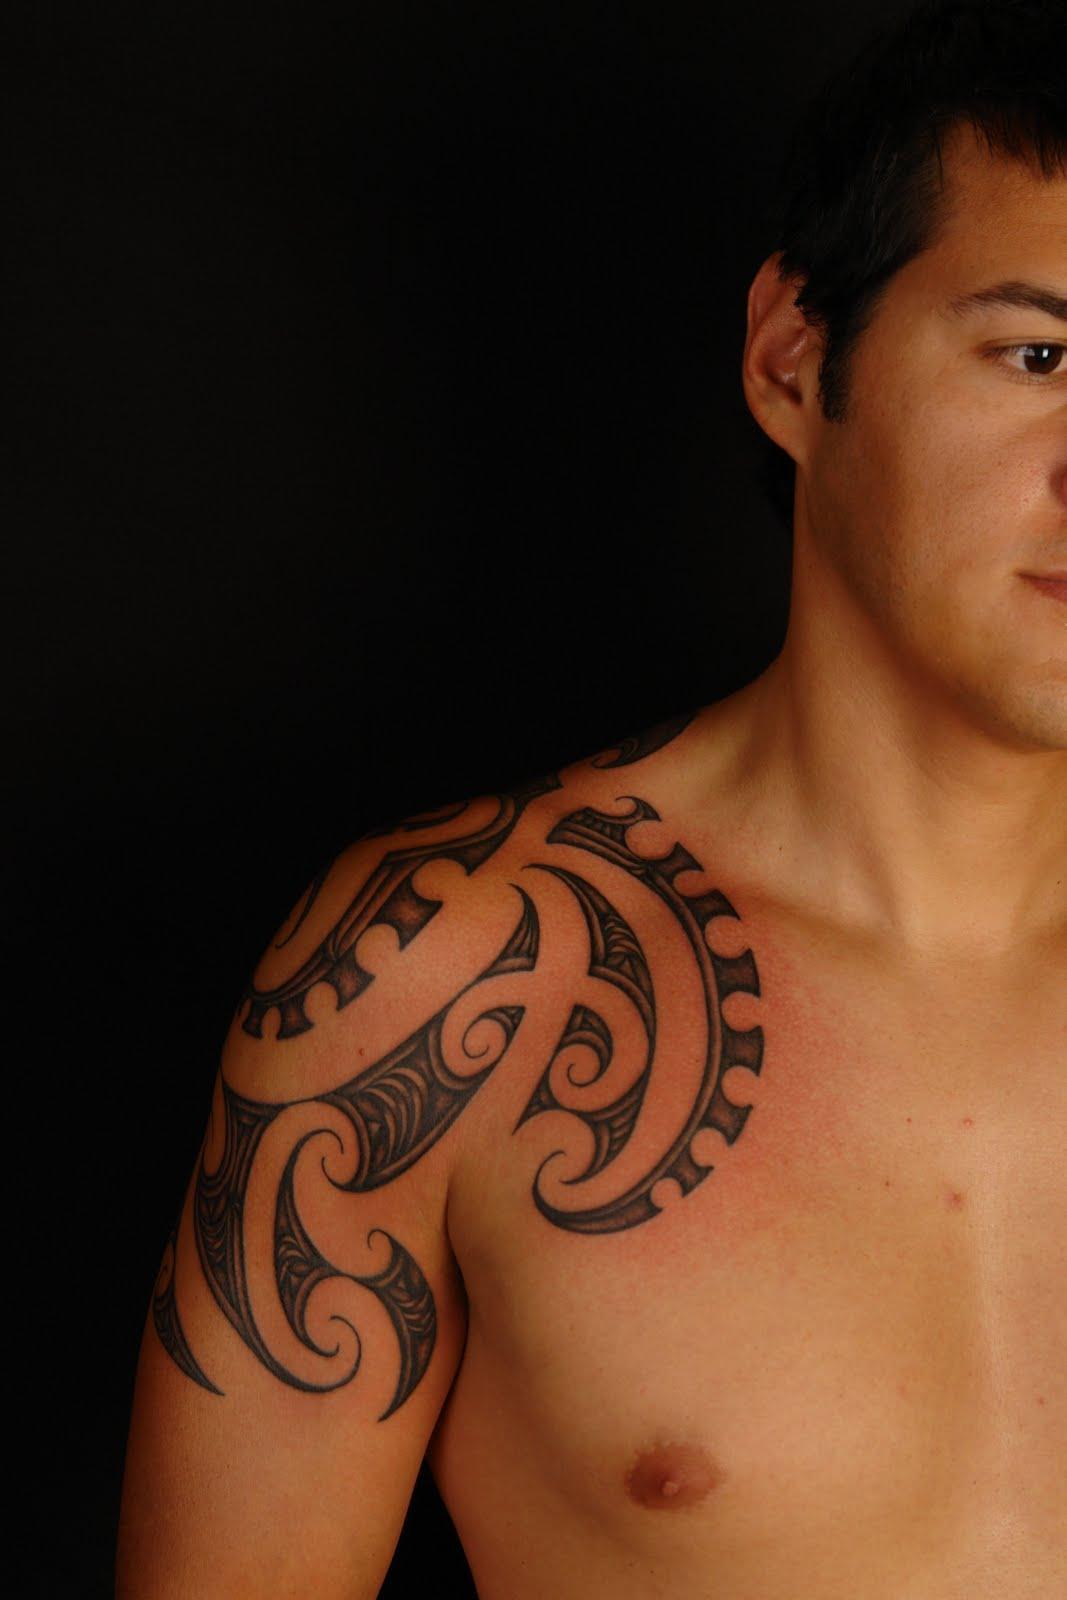 http://3.bp.blogspot.com/-VwQTpJB0DfY/TlLEX14wDzI/AAAAAAAAAKU/DFvChsLjak8/s1600/Tatuagens+Maori+-+Latest-Maori-Tattoo-Design-for-Guys-2011.jpg